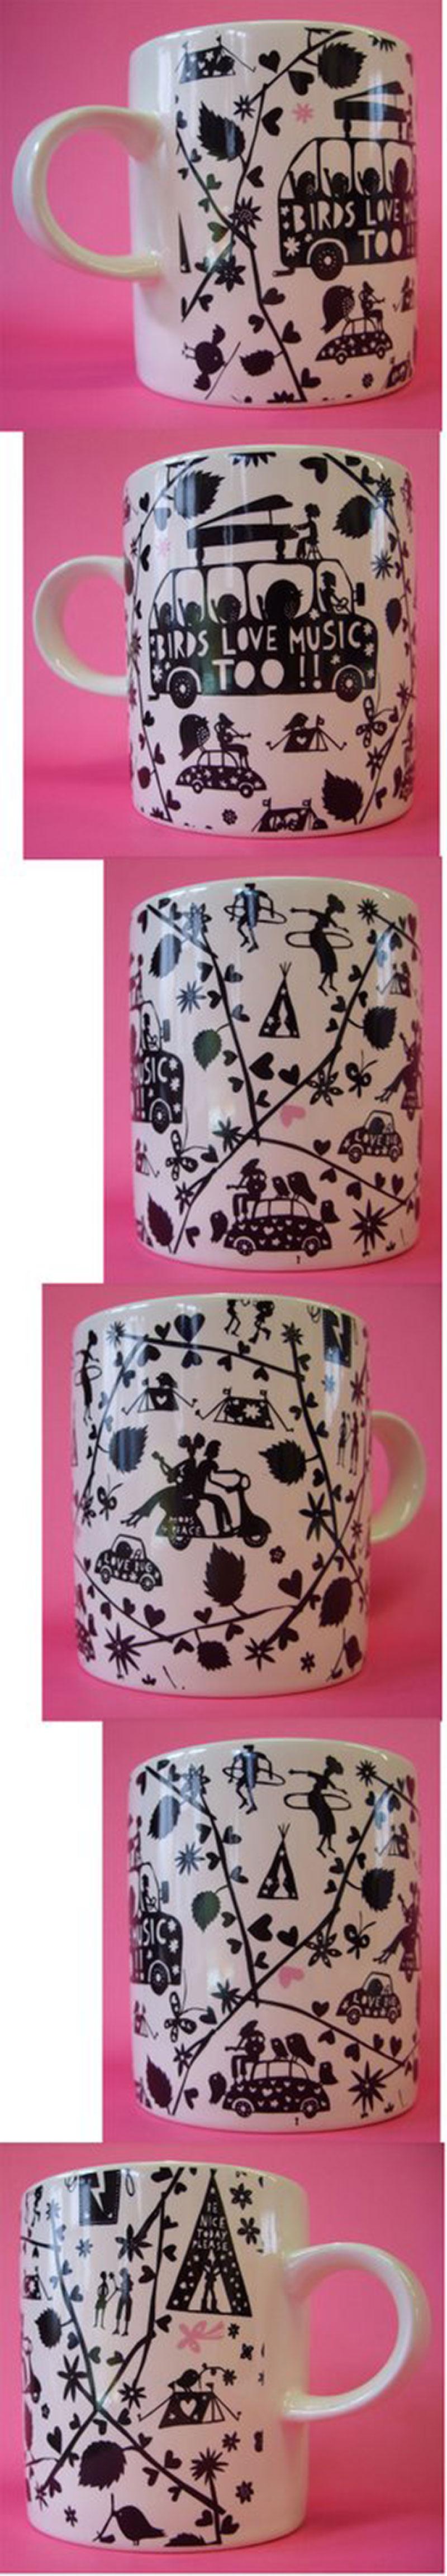 paul-smith-mugs